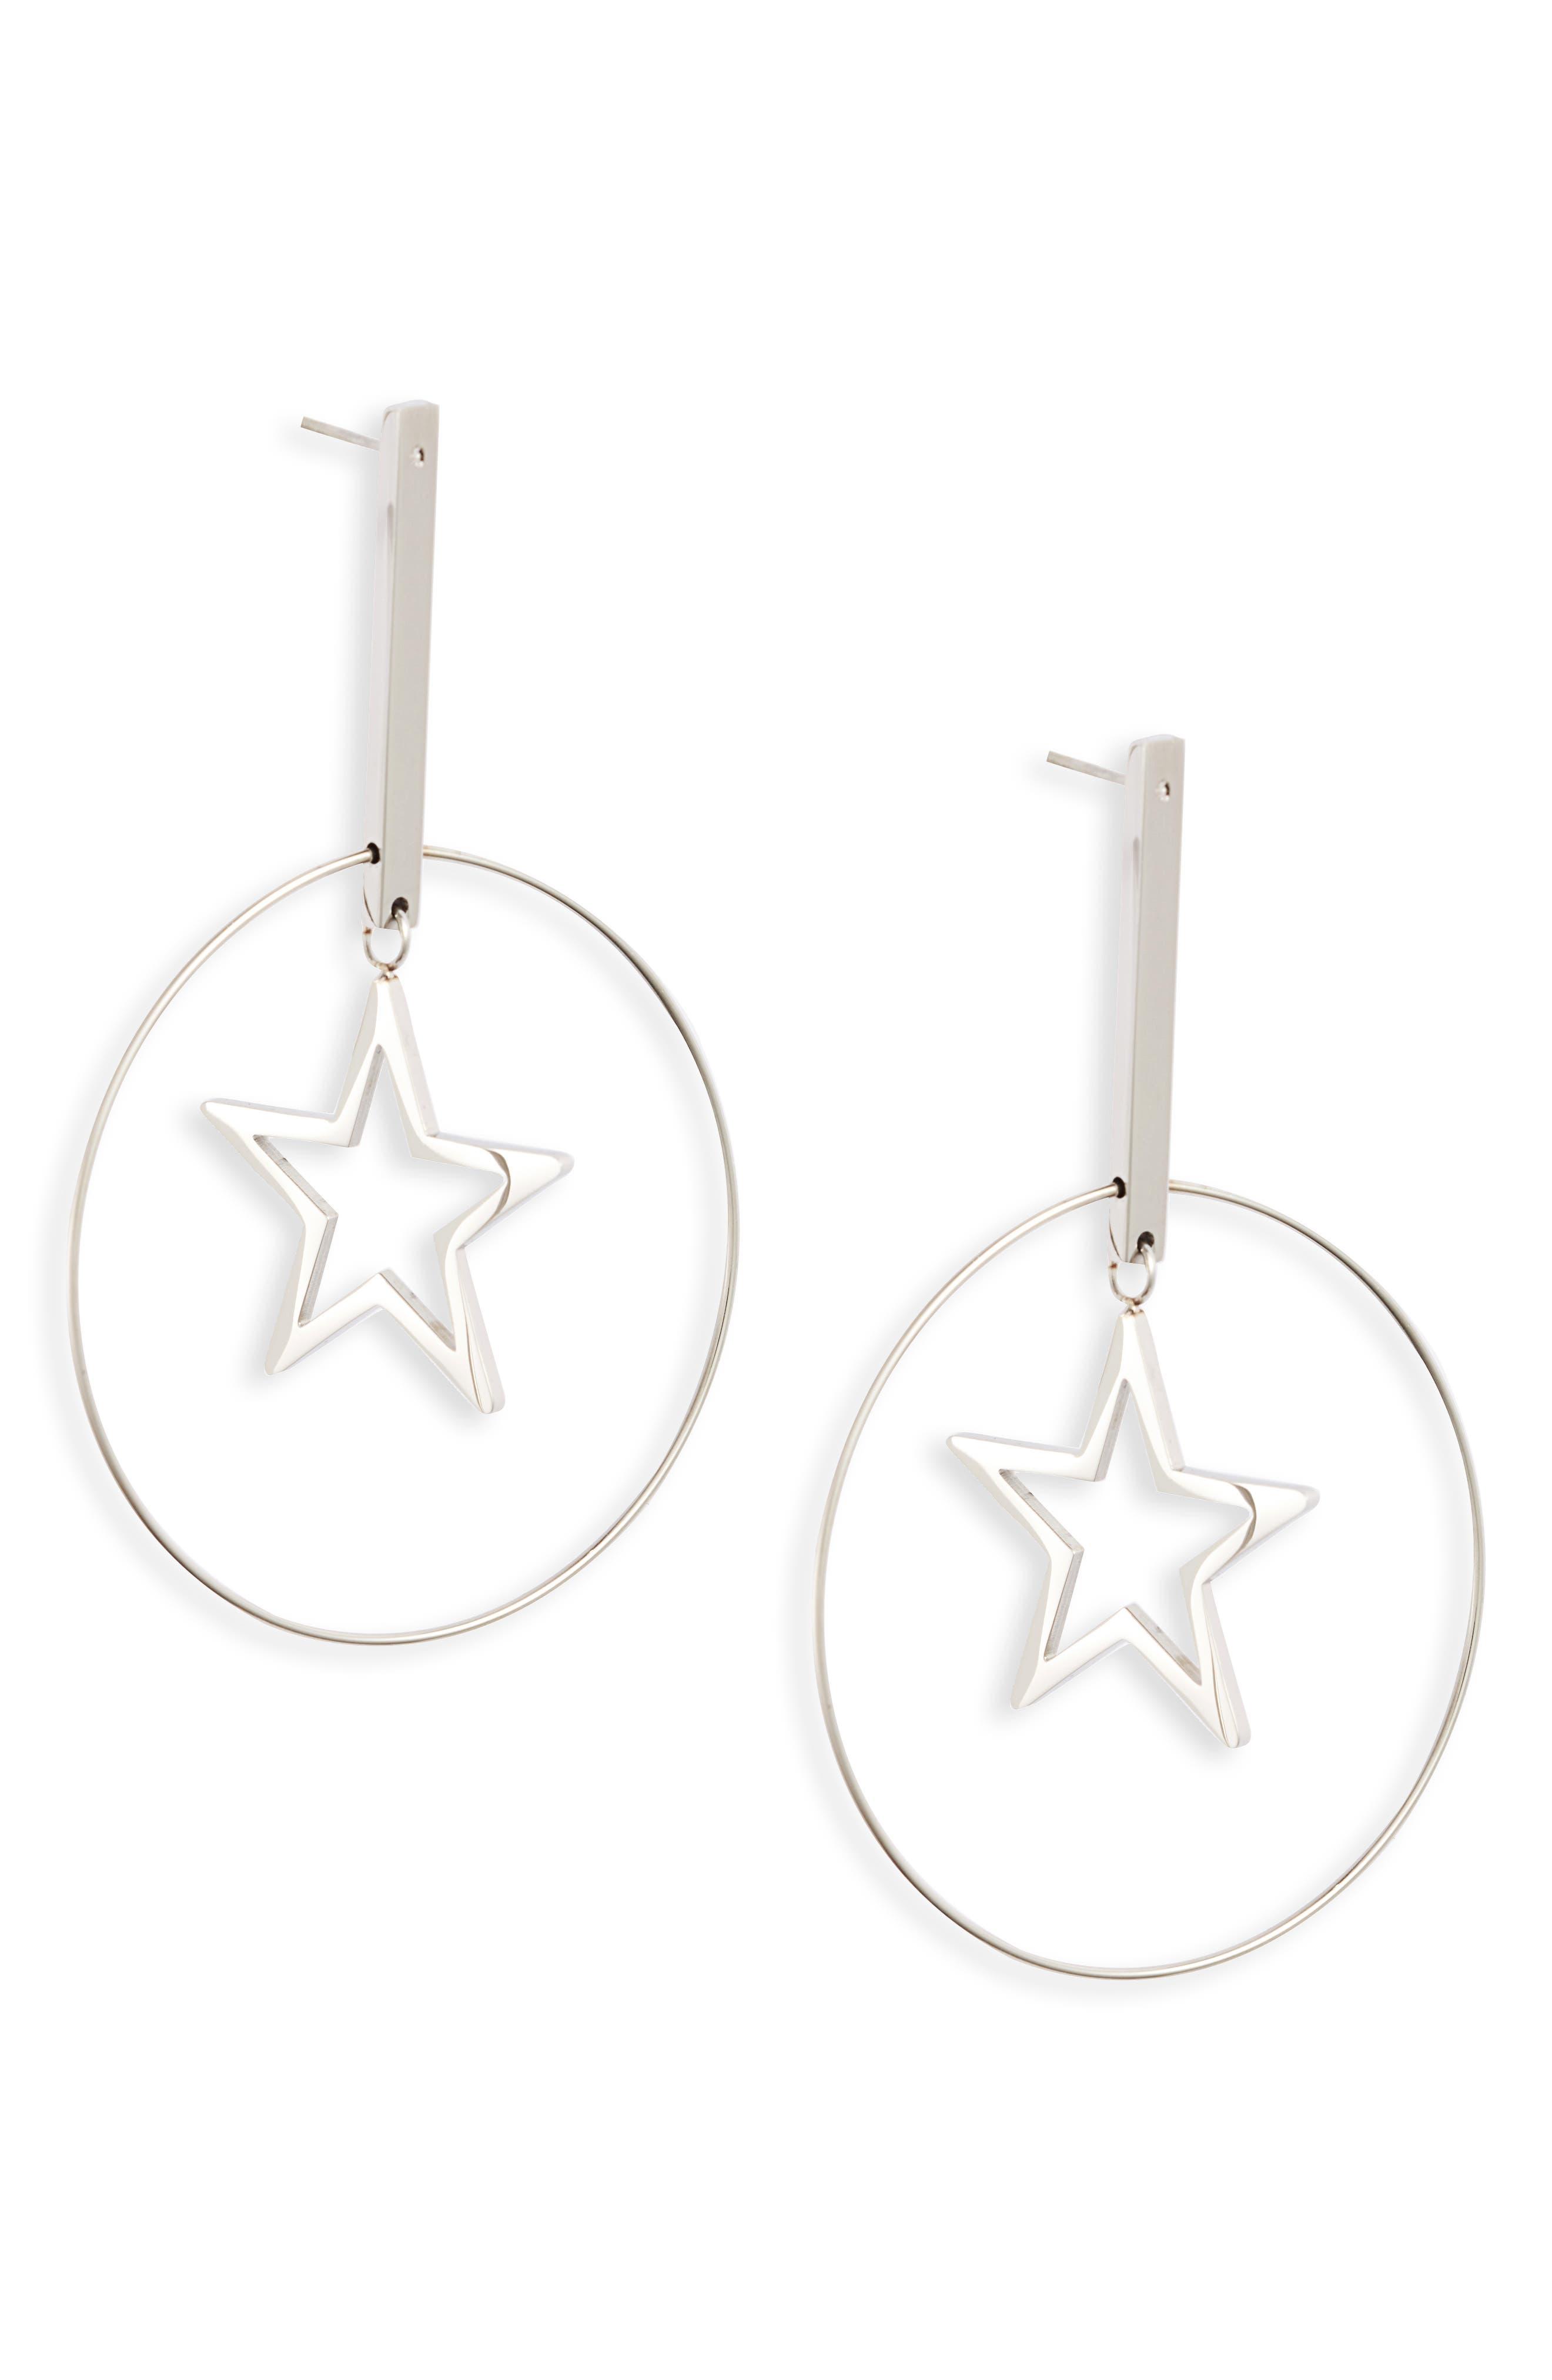 Floating Star Hoop Earrings